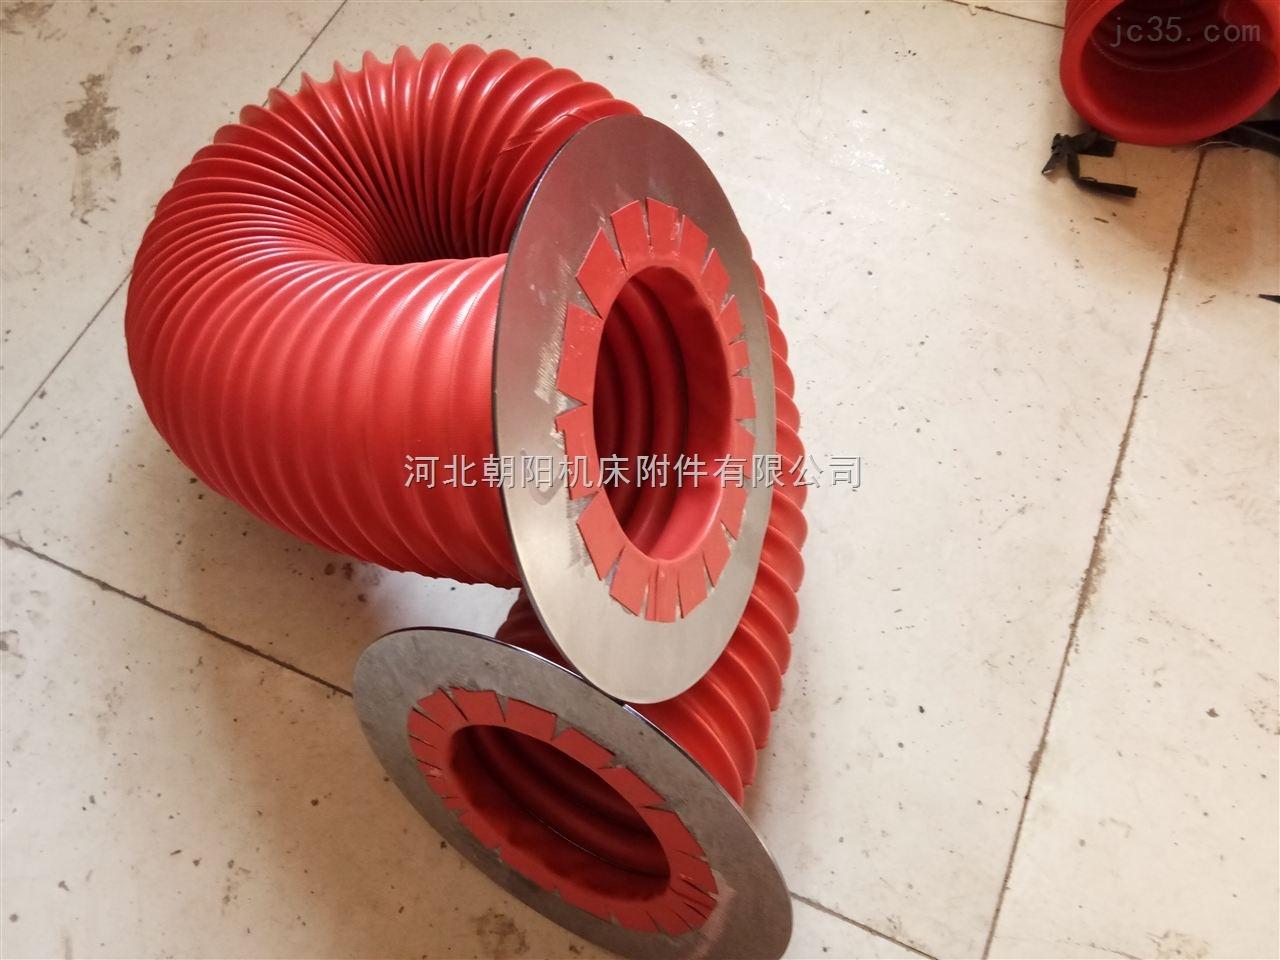 液压机防尘设备橡胶丝杠防护罩